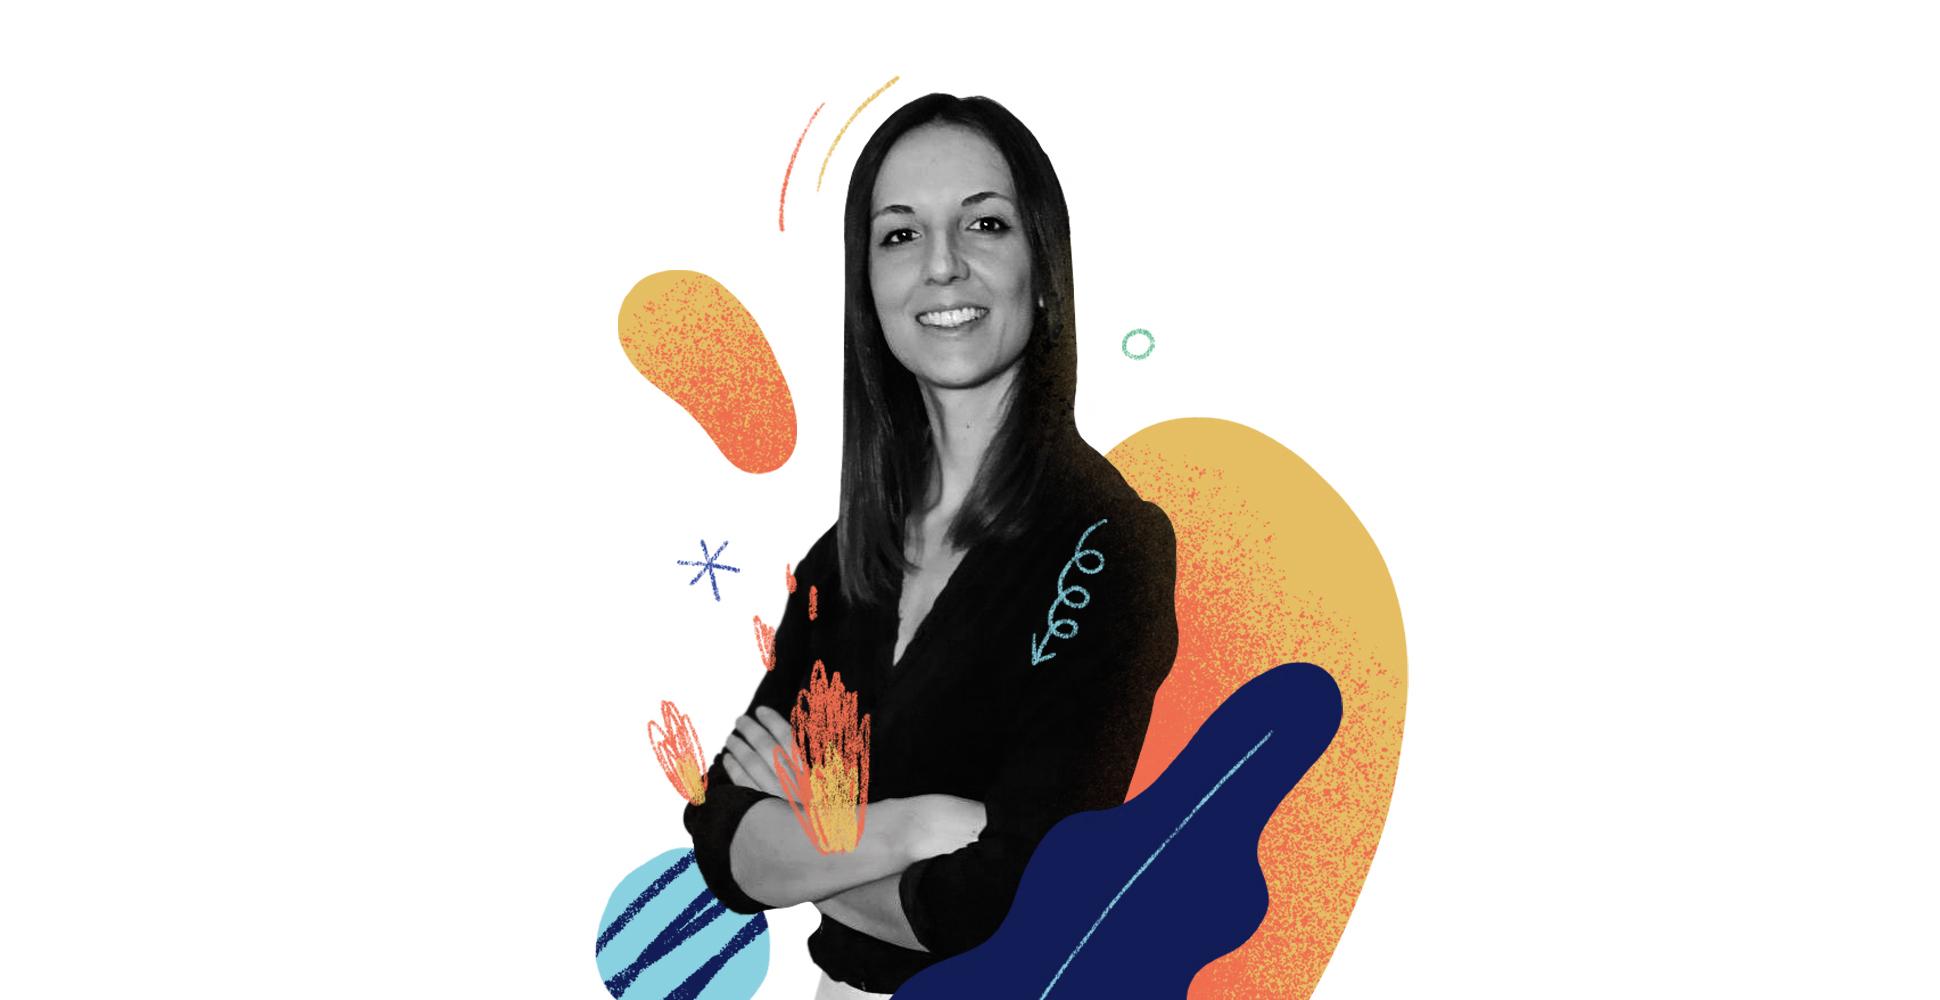 María Peláez, React Native Developer at Z1.